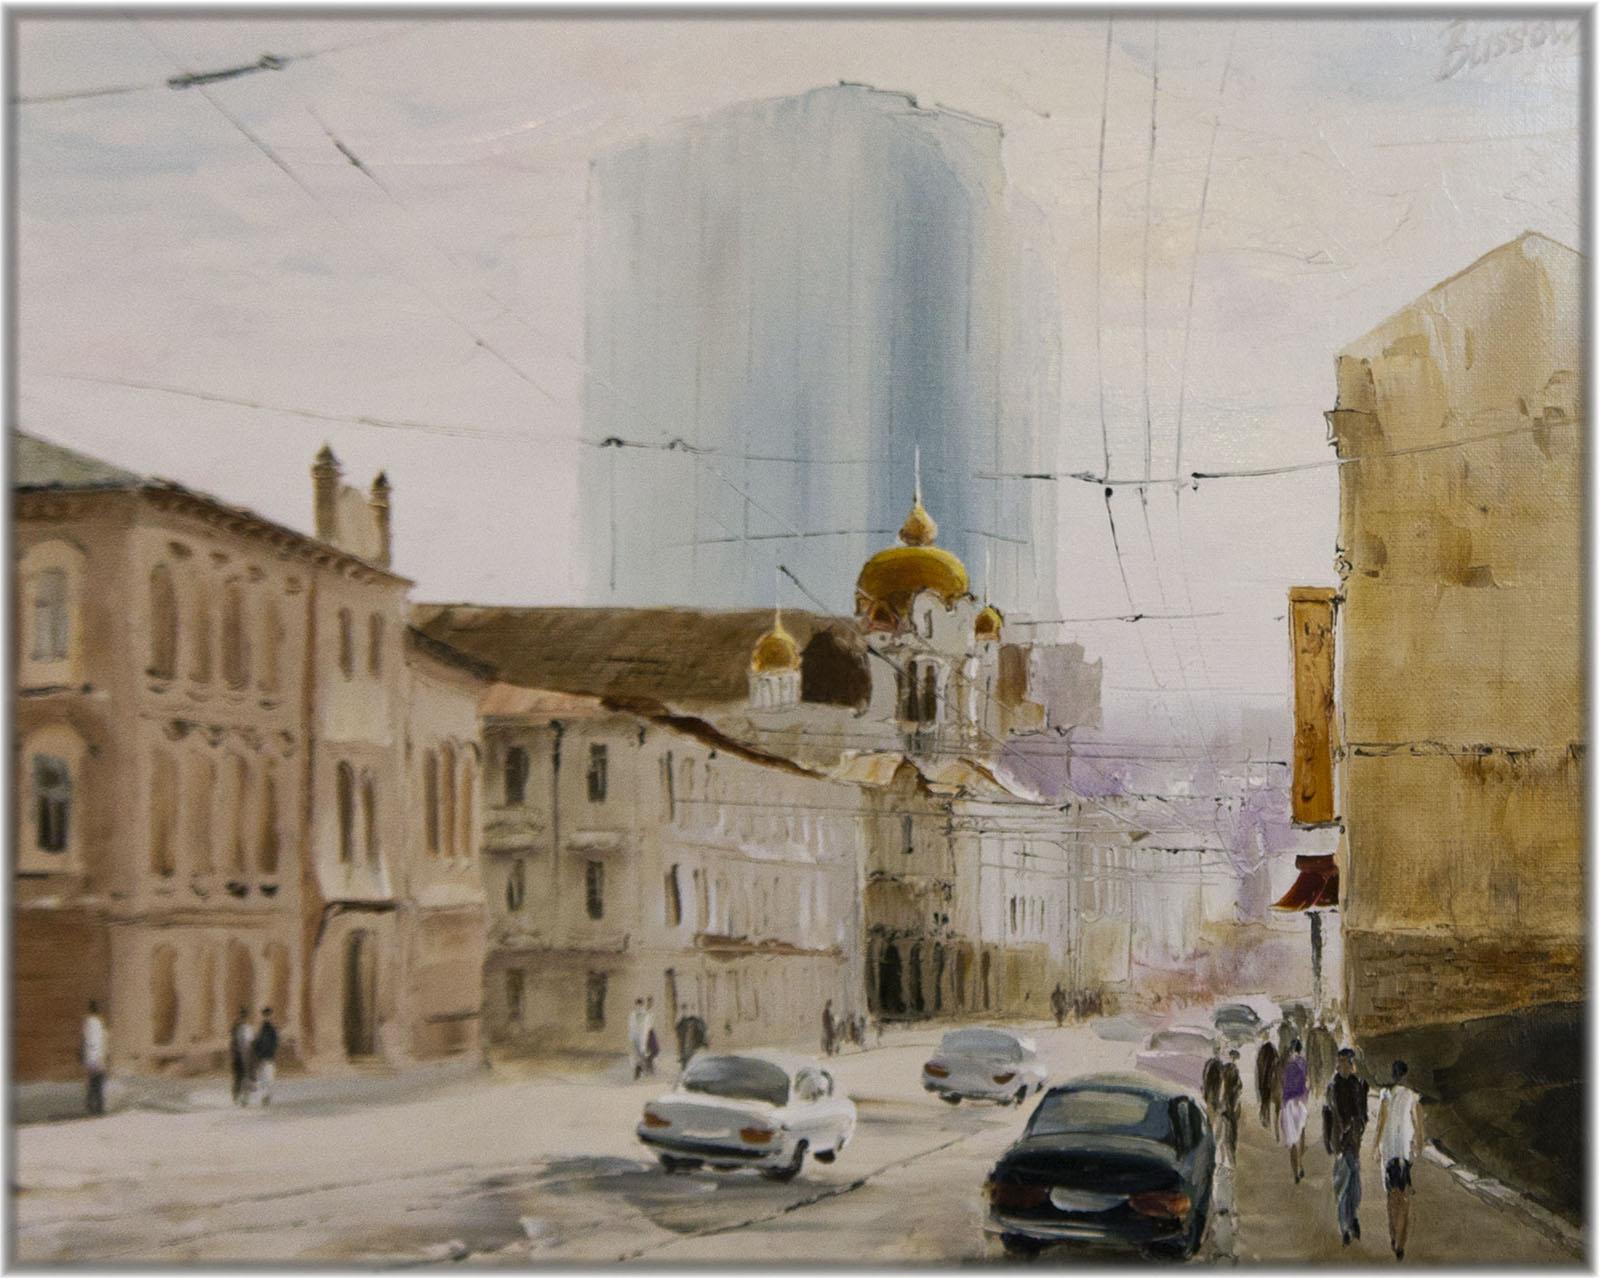 Фото №78568. Казань. Улица Пушкина. 2006. Бусов В.Х.